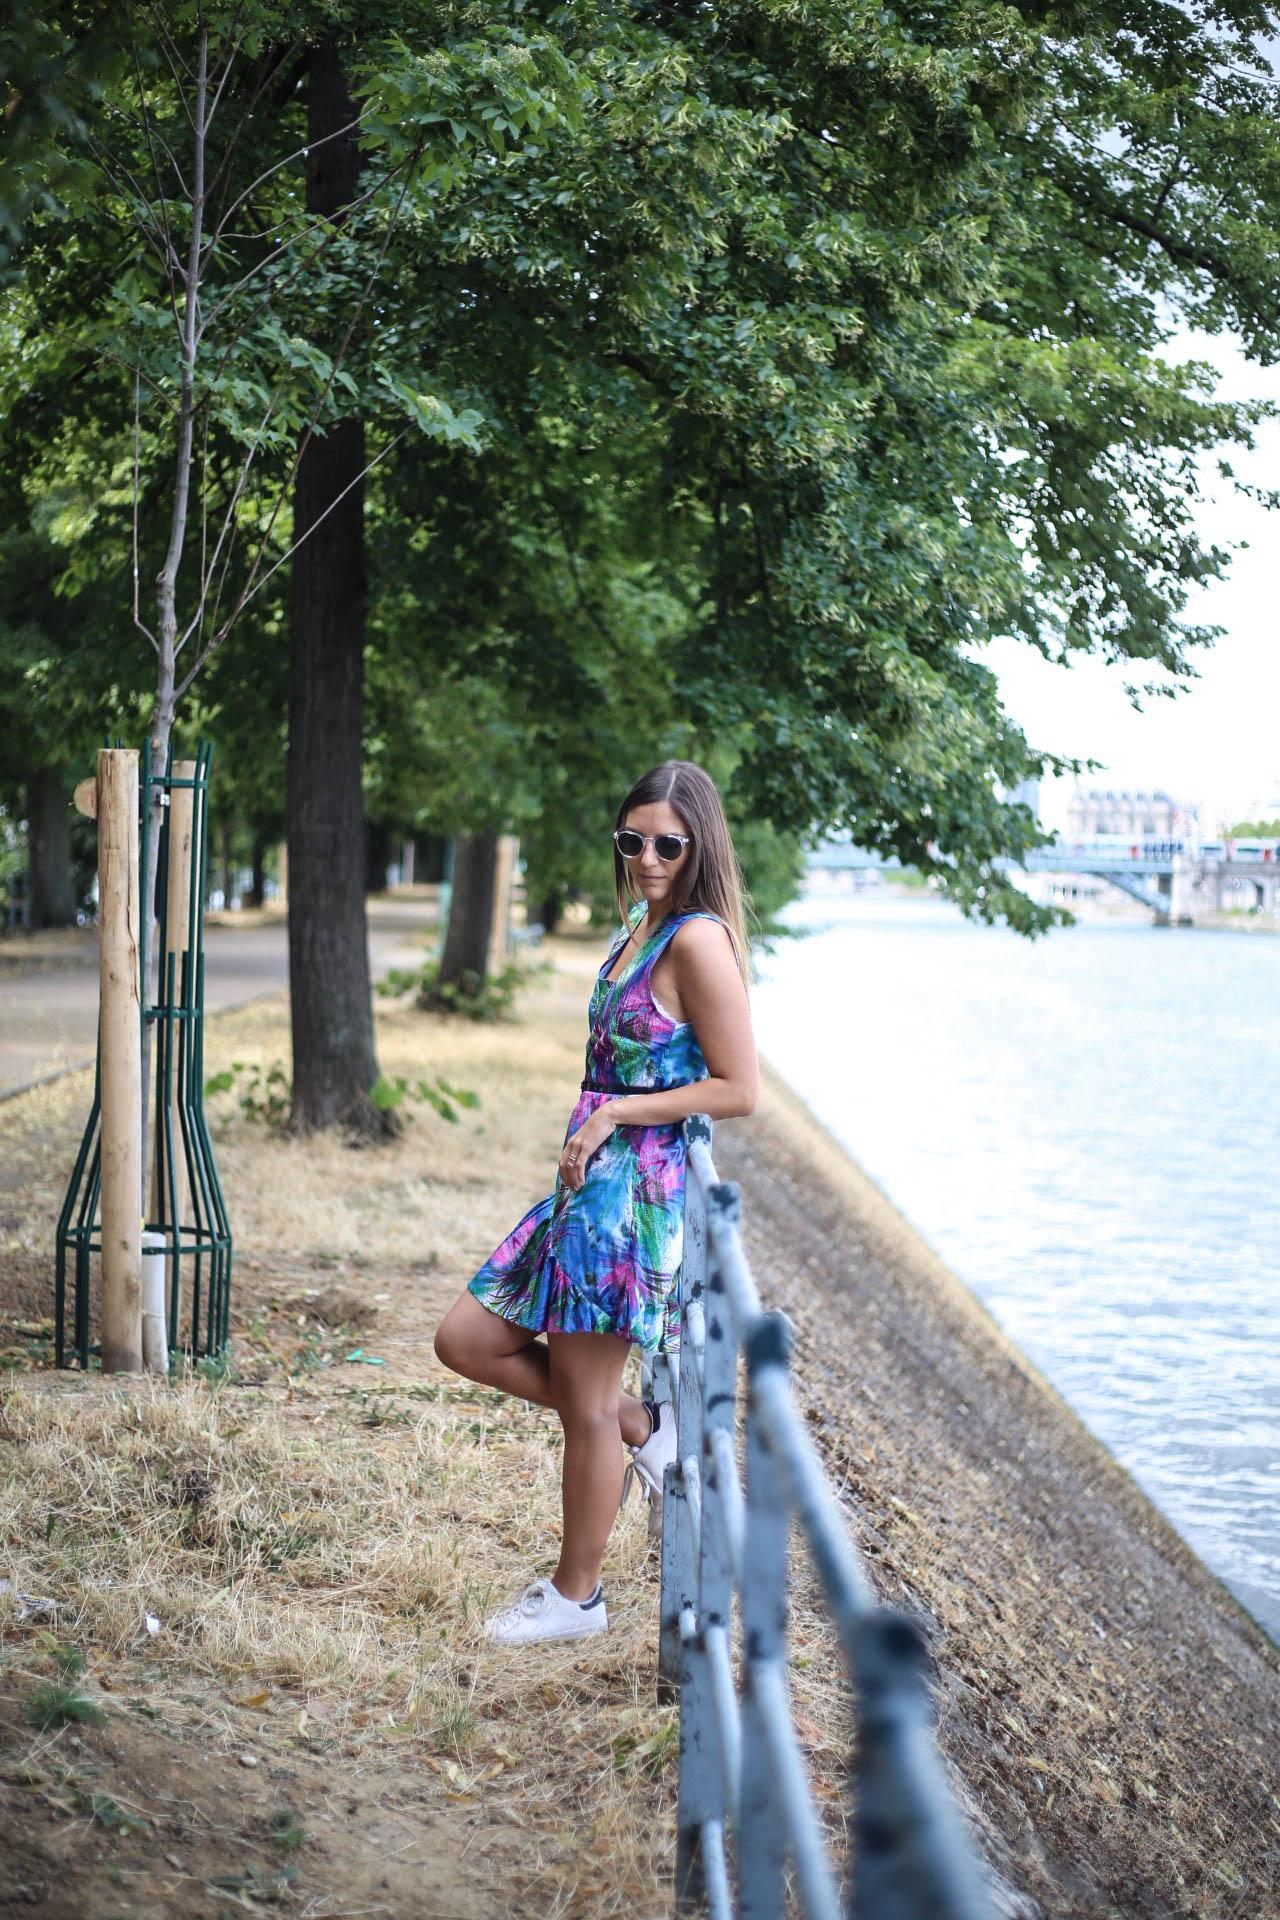 comment porter la robe chasuble bog mode les caprices d iris